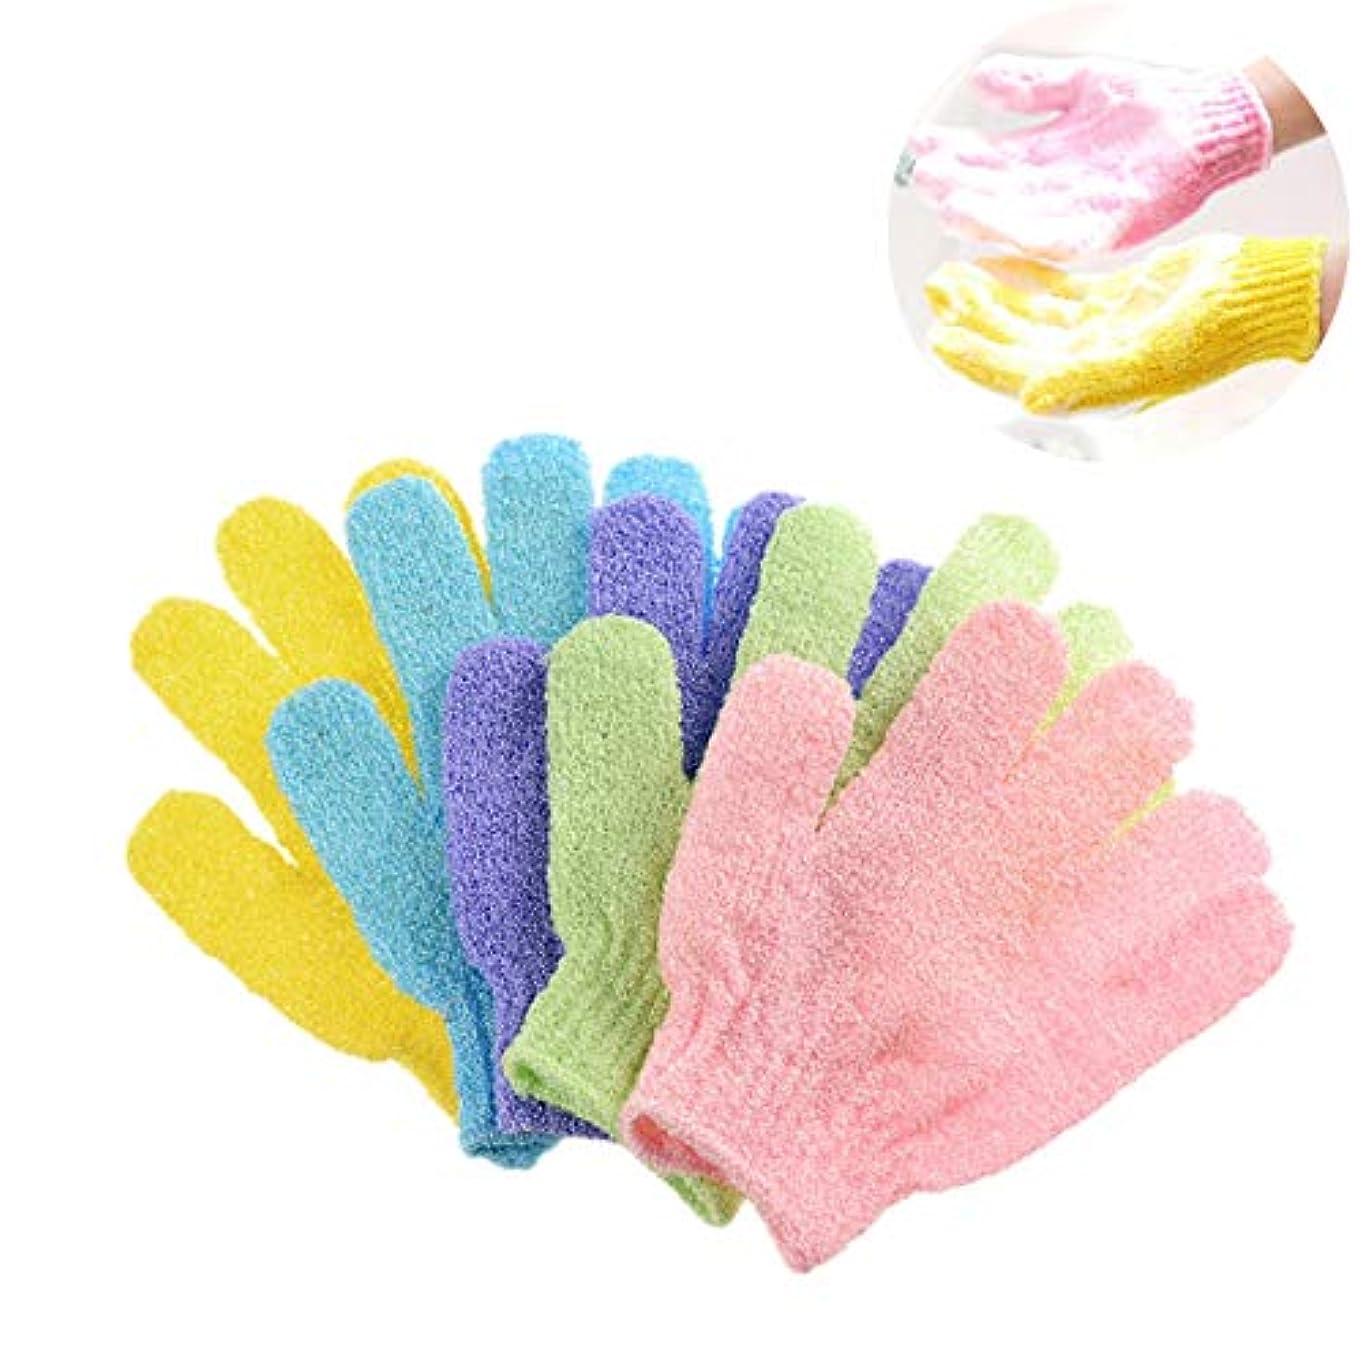 古いマイコン負Kingsie 浴用手袋 10枚セット(5ペア) ボディウォッシュ手袋 お風呂手袋 角質除去 角質取り 泡立ち 垢すり グローブ